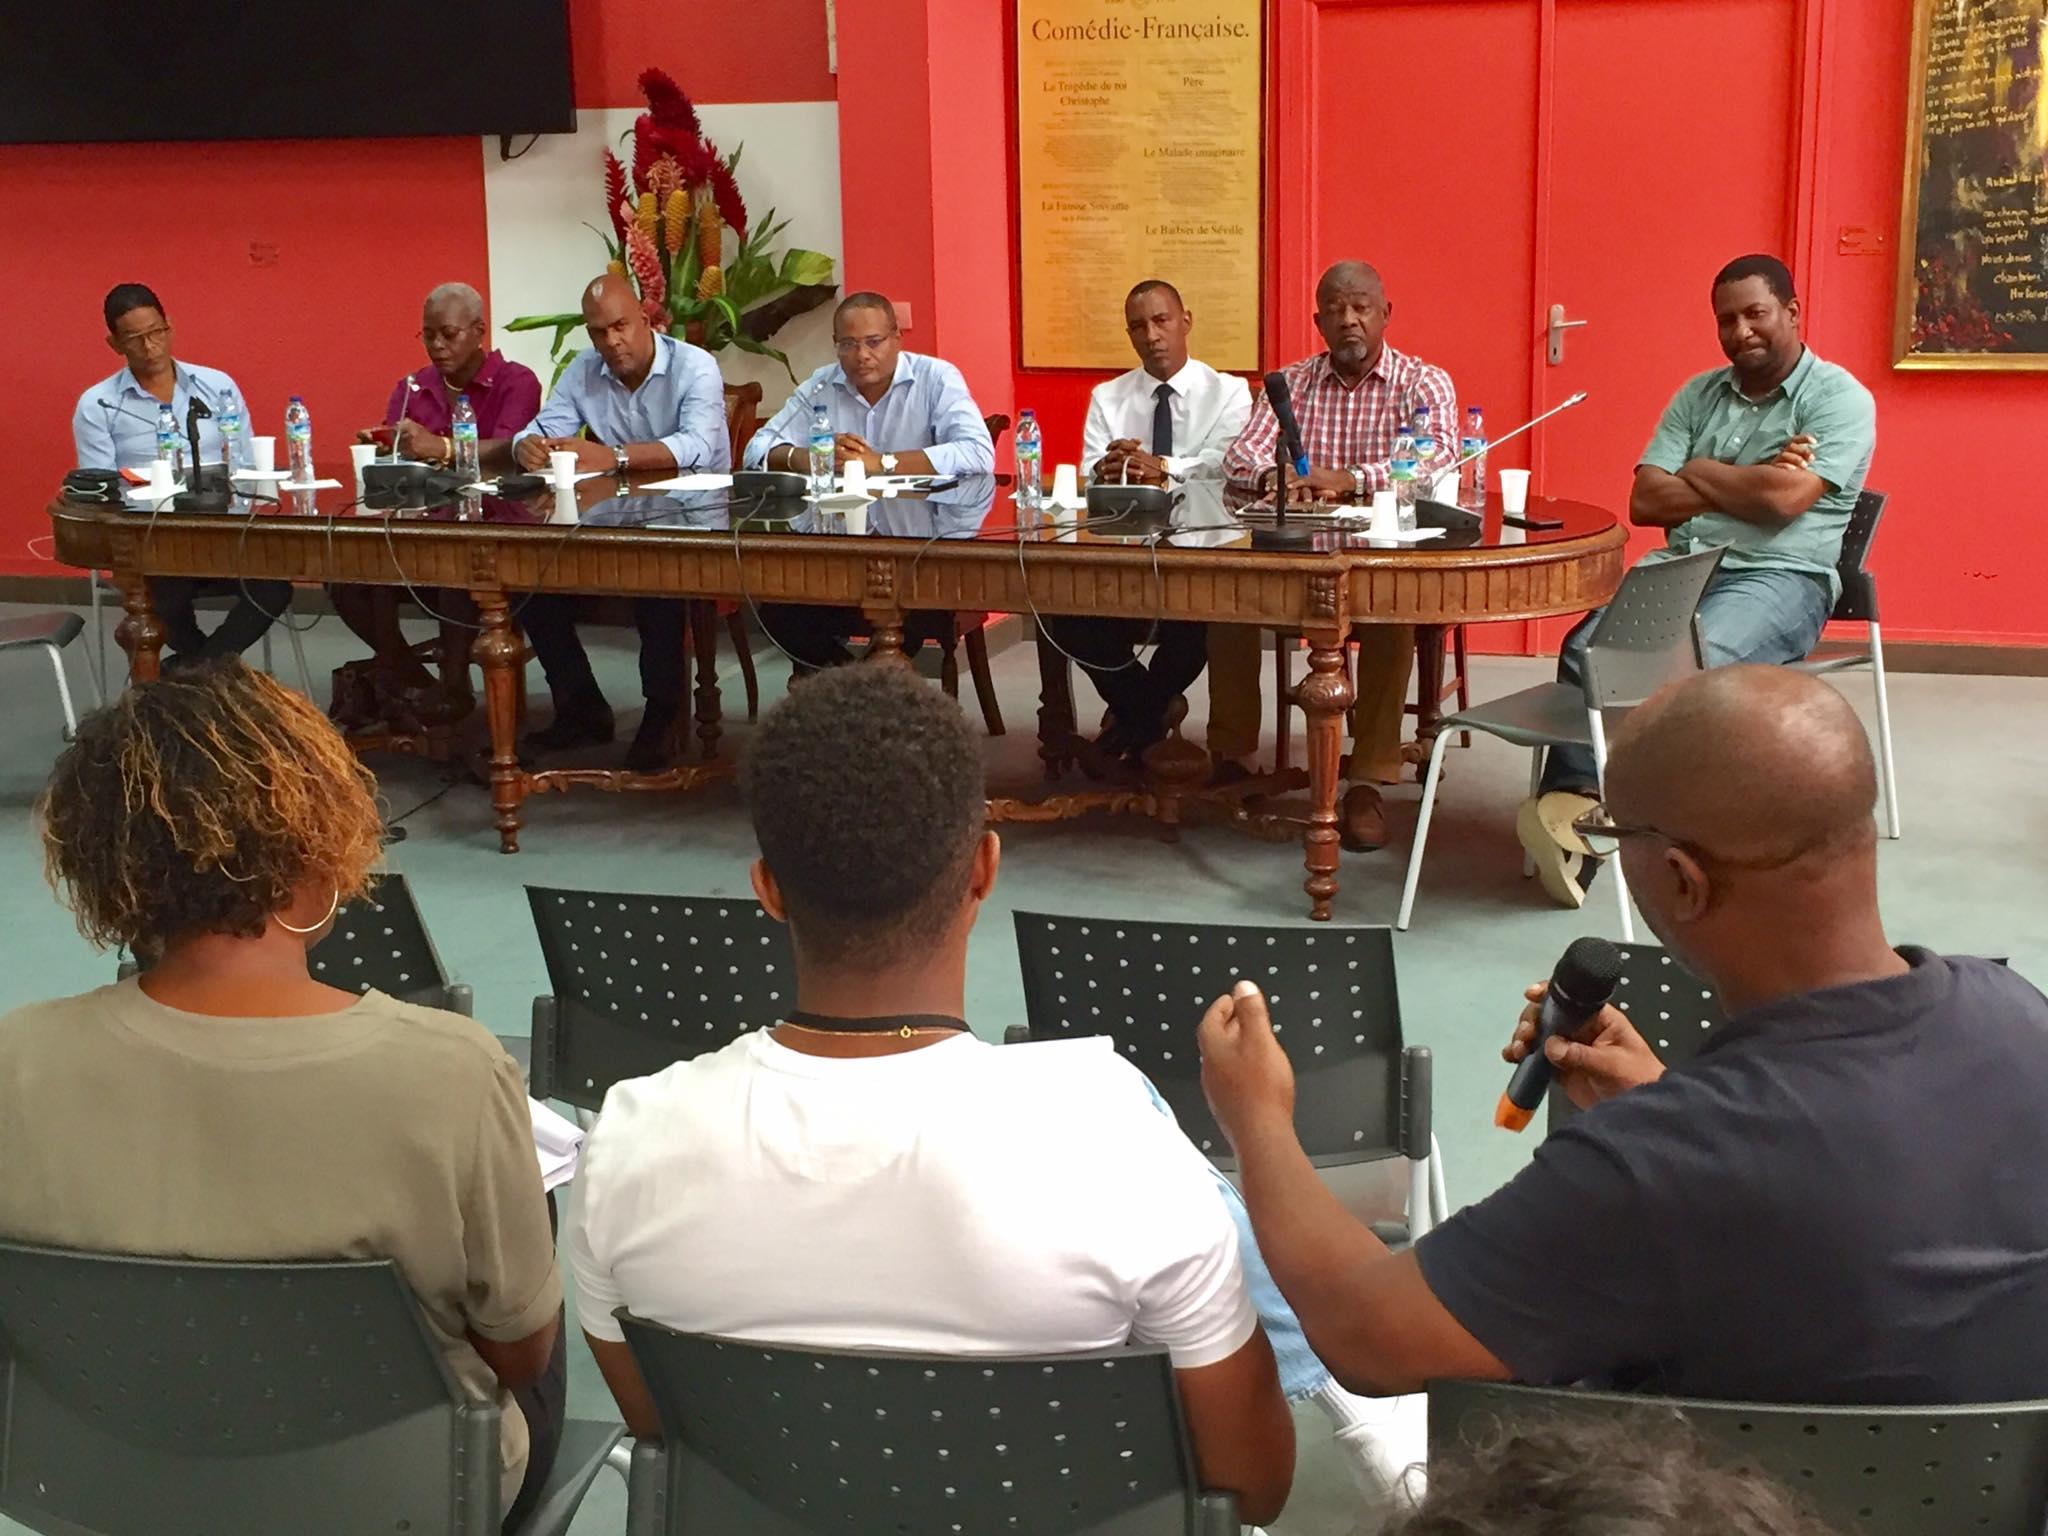 Des élus de Martinique «des mesures ambitieuses» contre la prolifération des armes